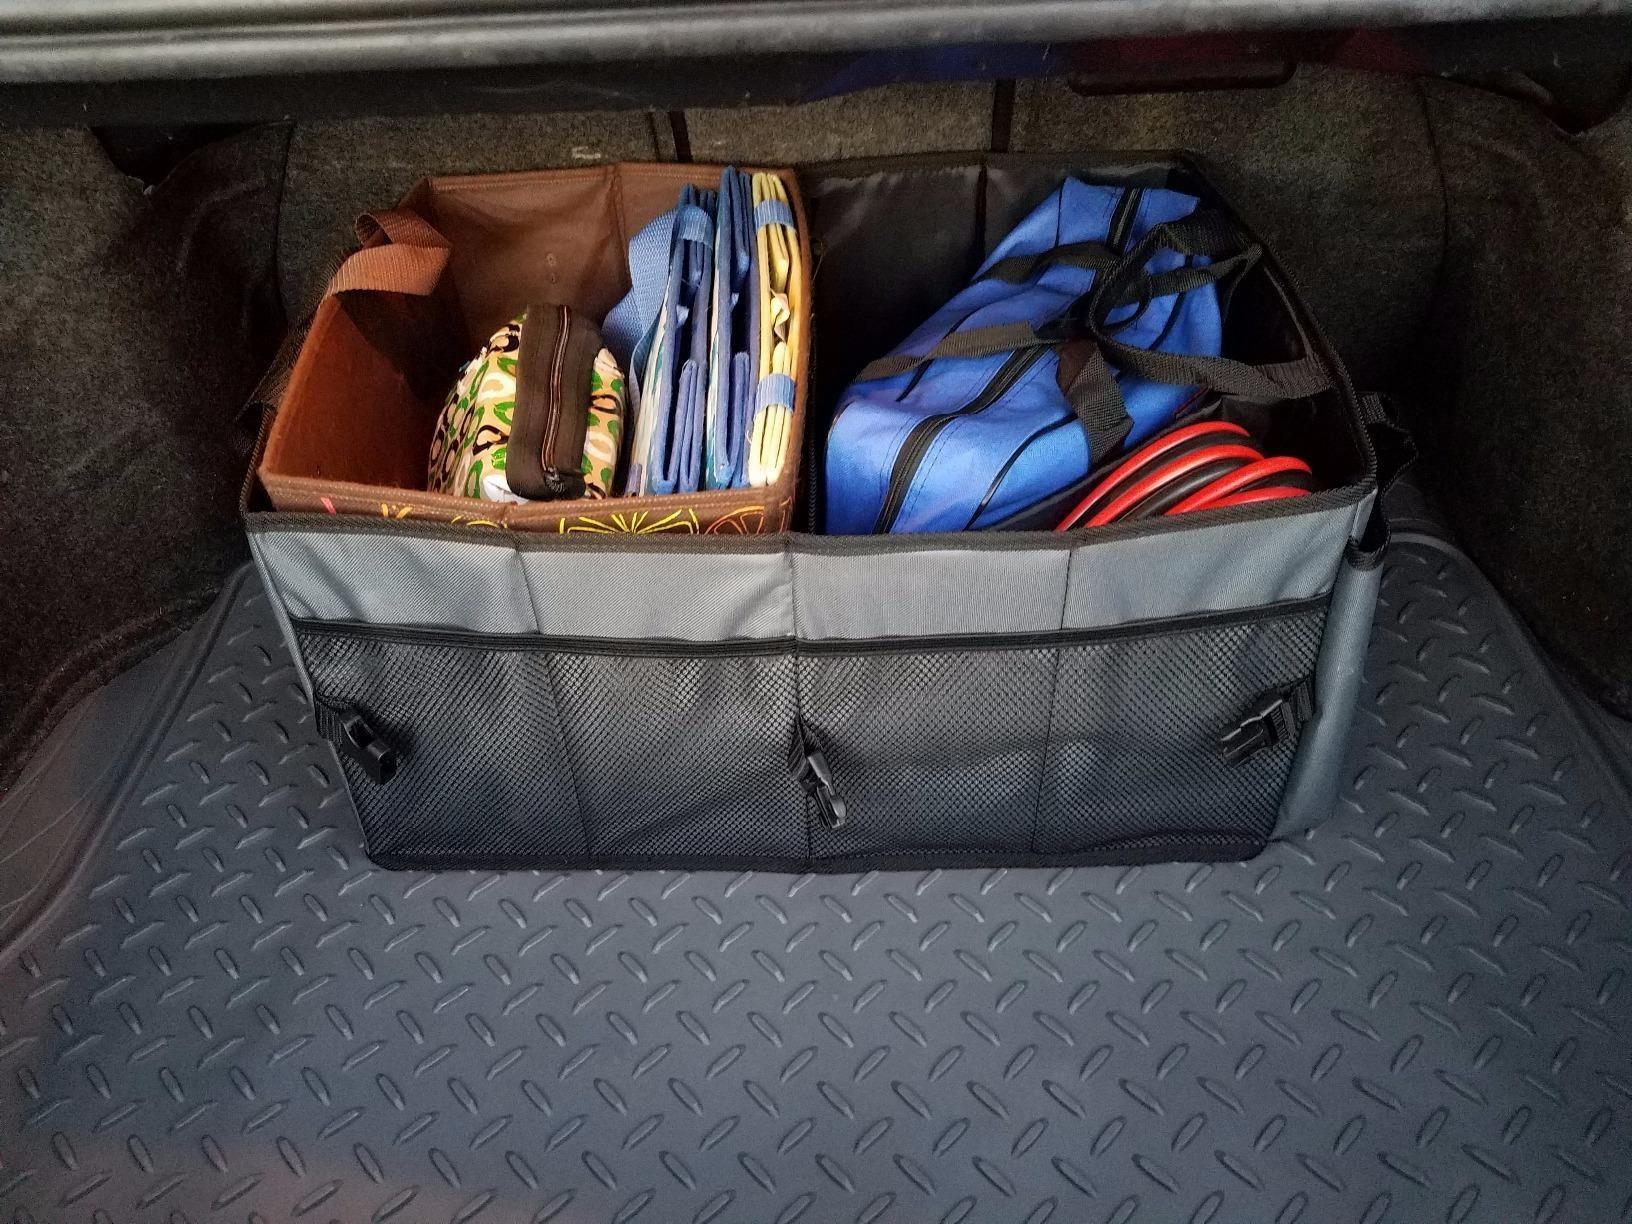 the full organizer in a trunk